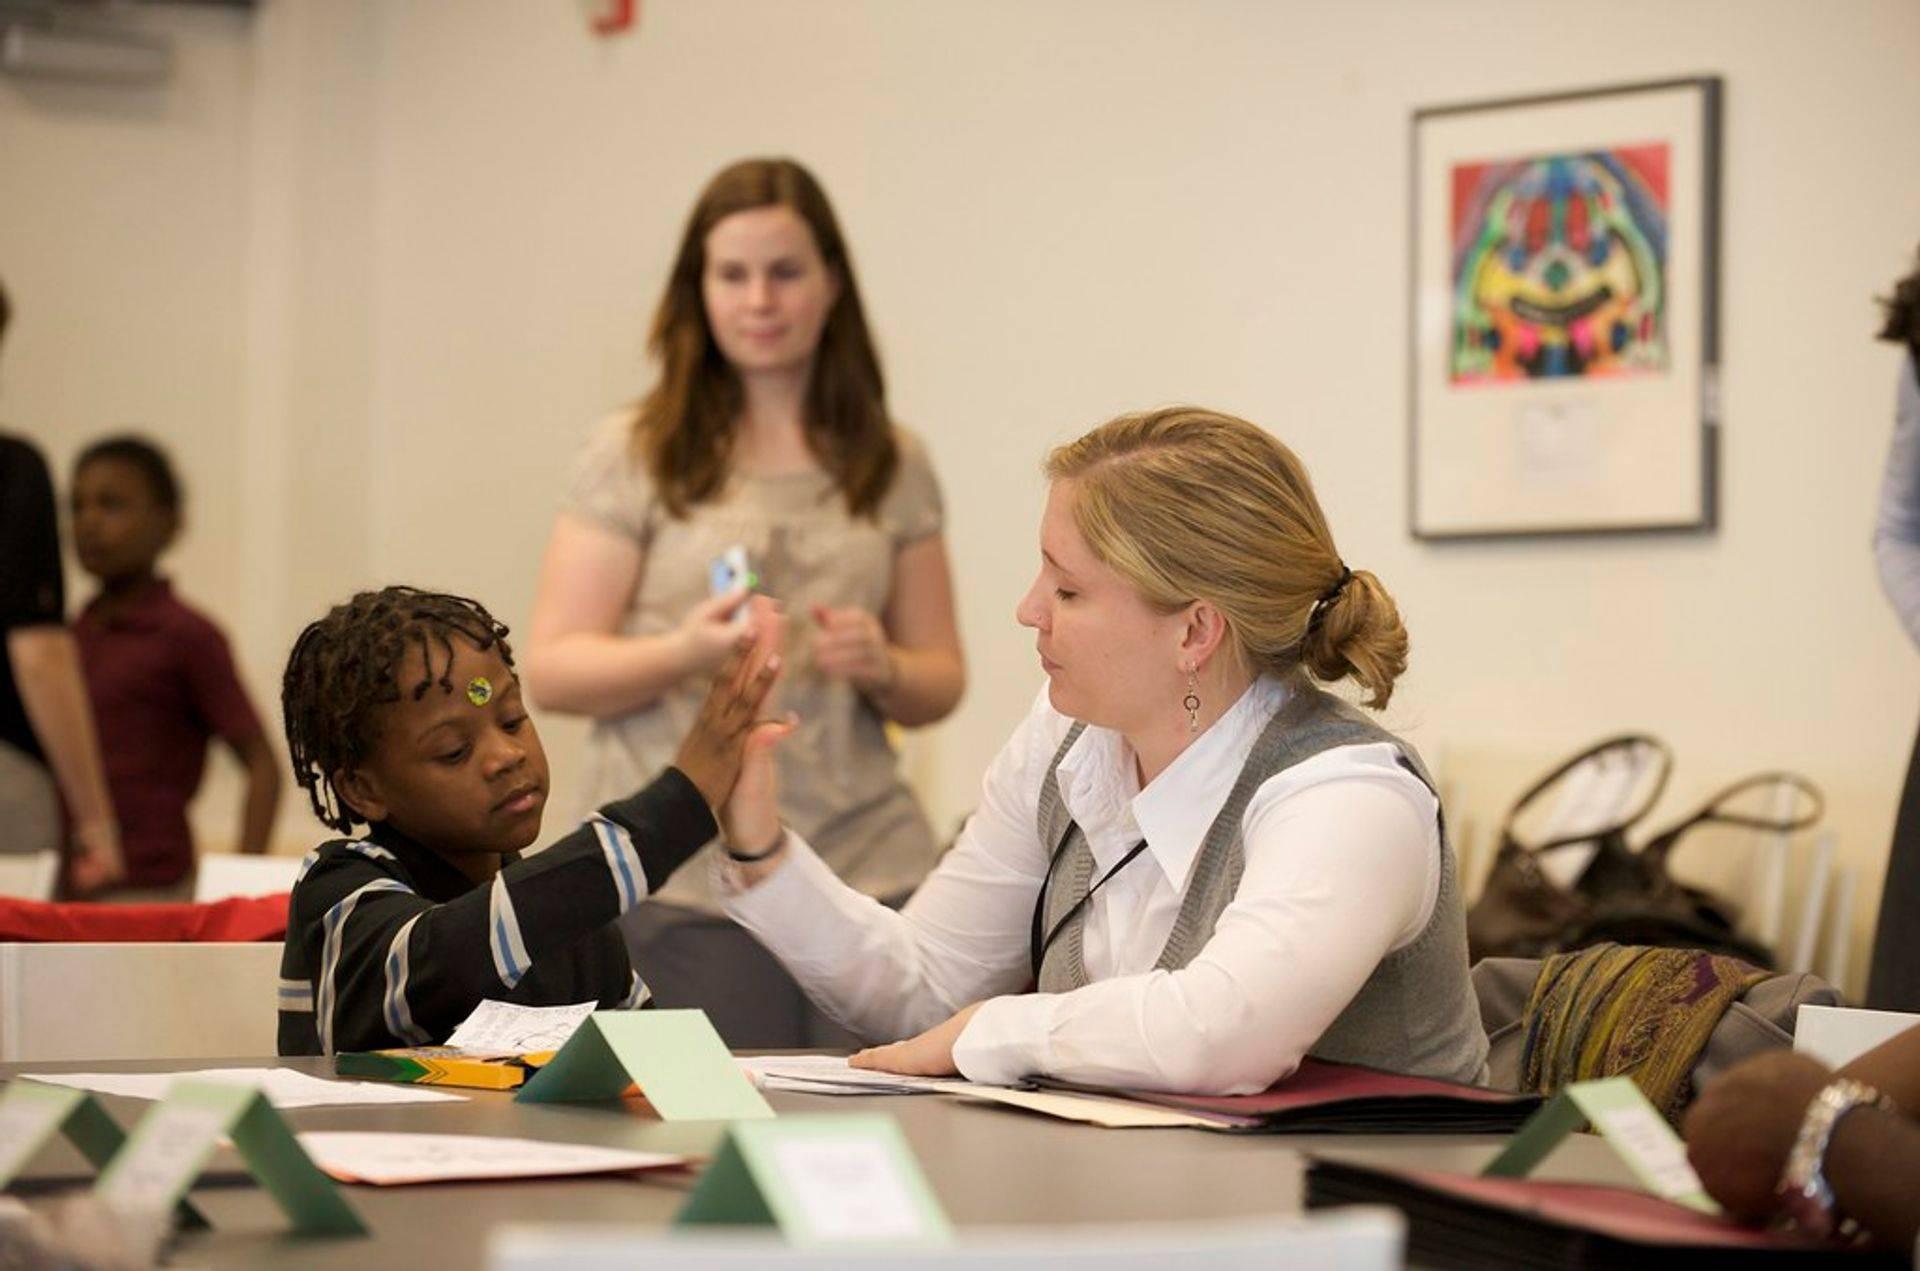 Trastornos del Aprendizaje, trastornos del lenguaje, problemas escolares,bulling,acoso escolar, fracaso escolar